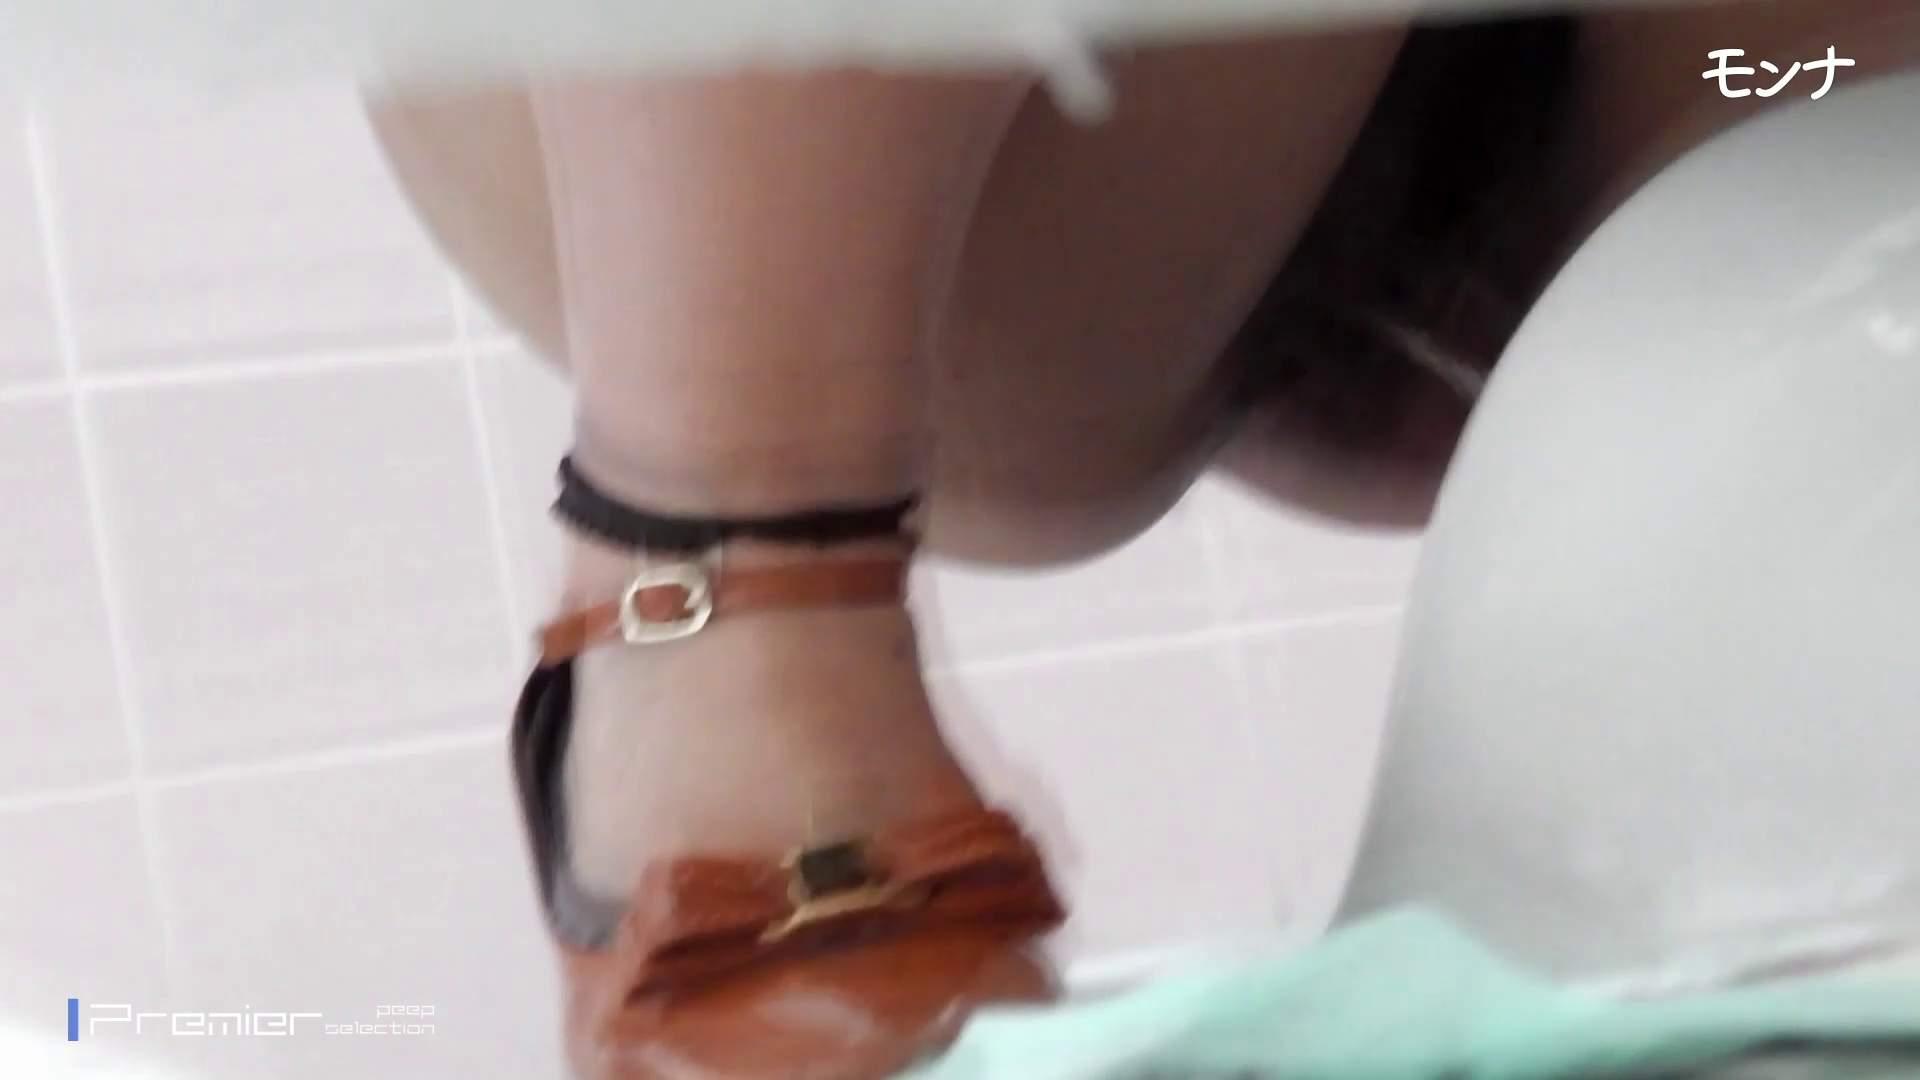 美しい日本の未来 No.76 育ちのいいお嬢様達は、トイレの姿勢も綺麗・・・・・ 細身体型 エロ無料画像 79枚 4